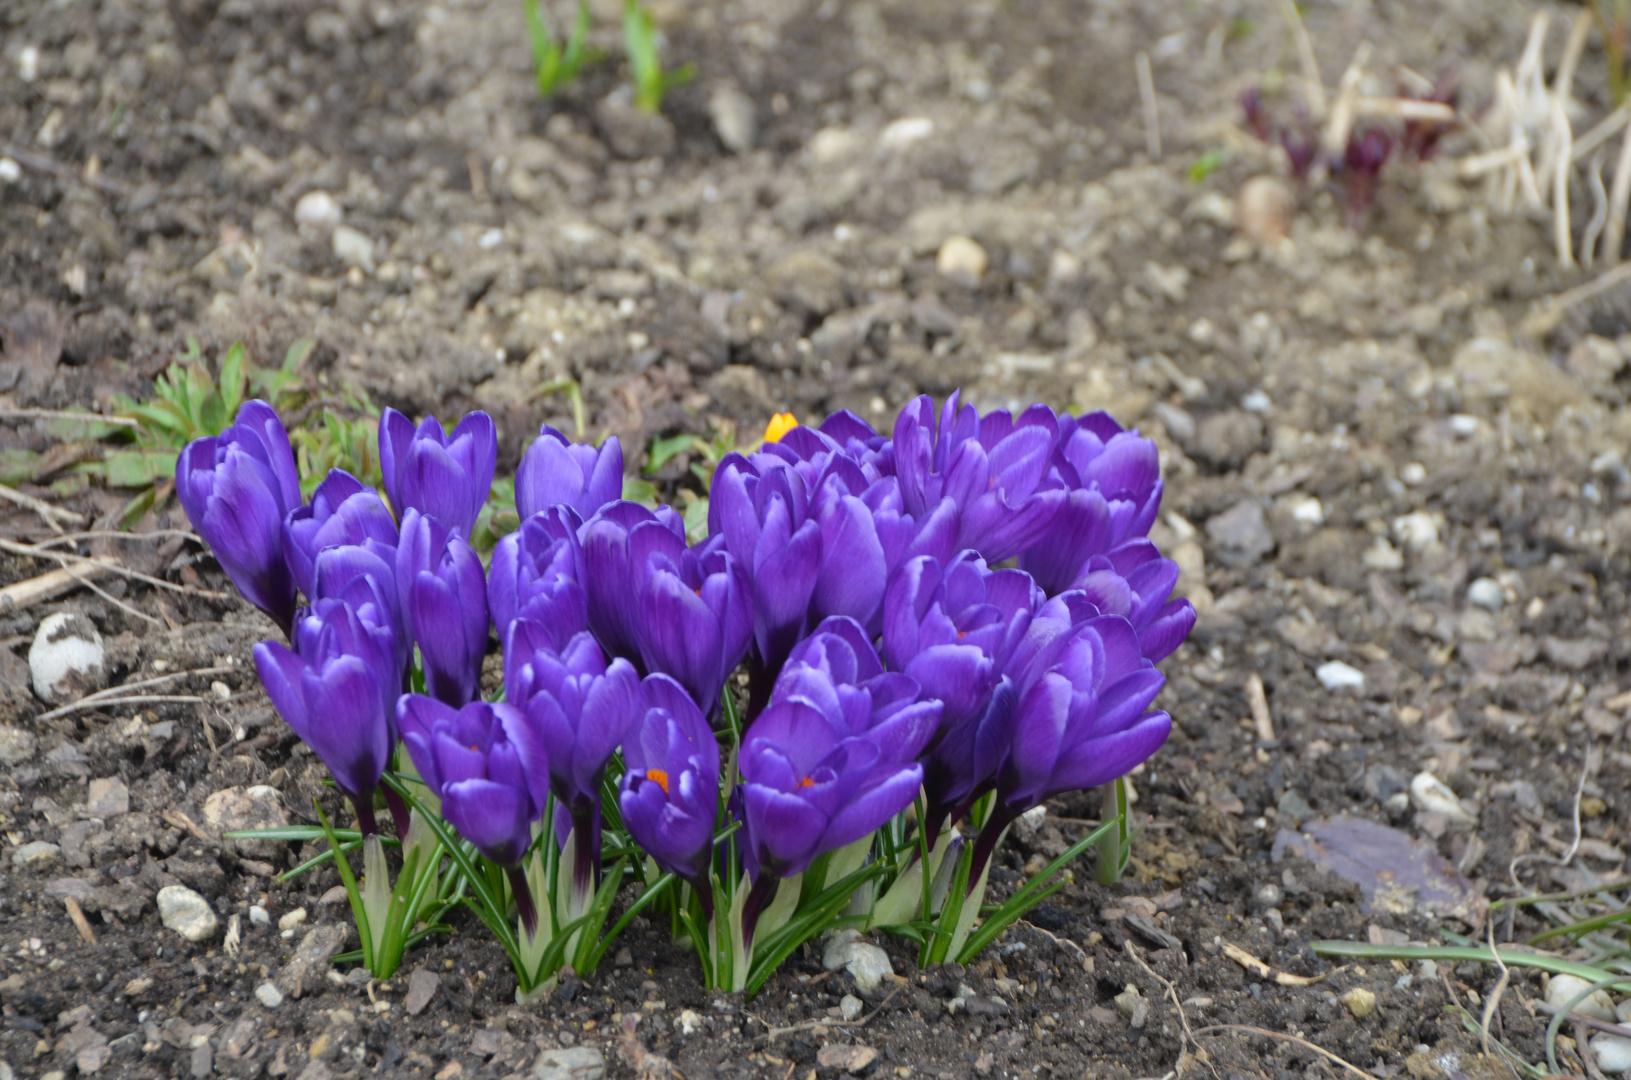 Ein Strauß von lila Krokussen